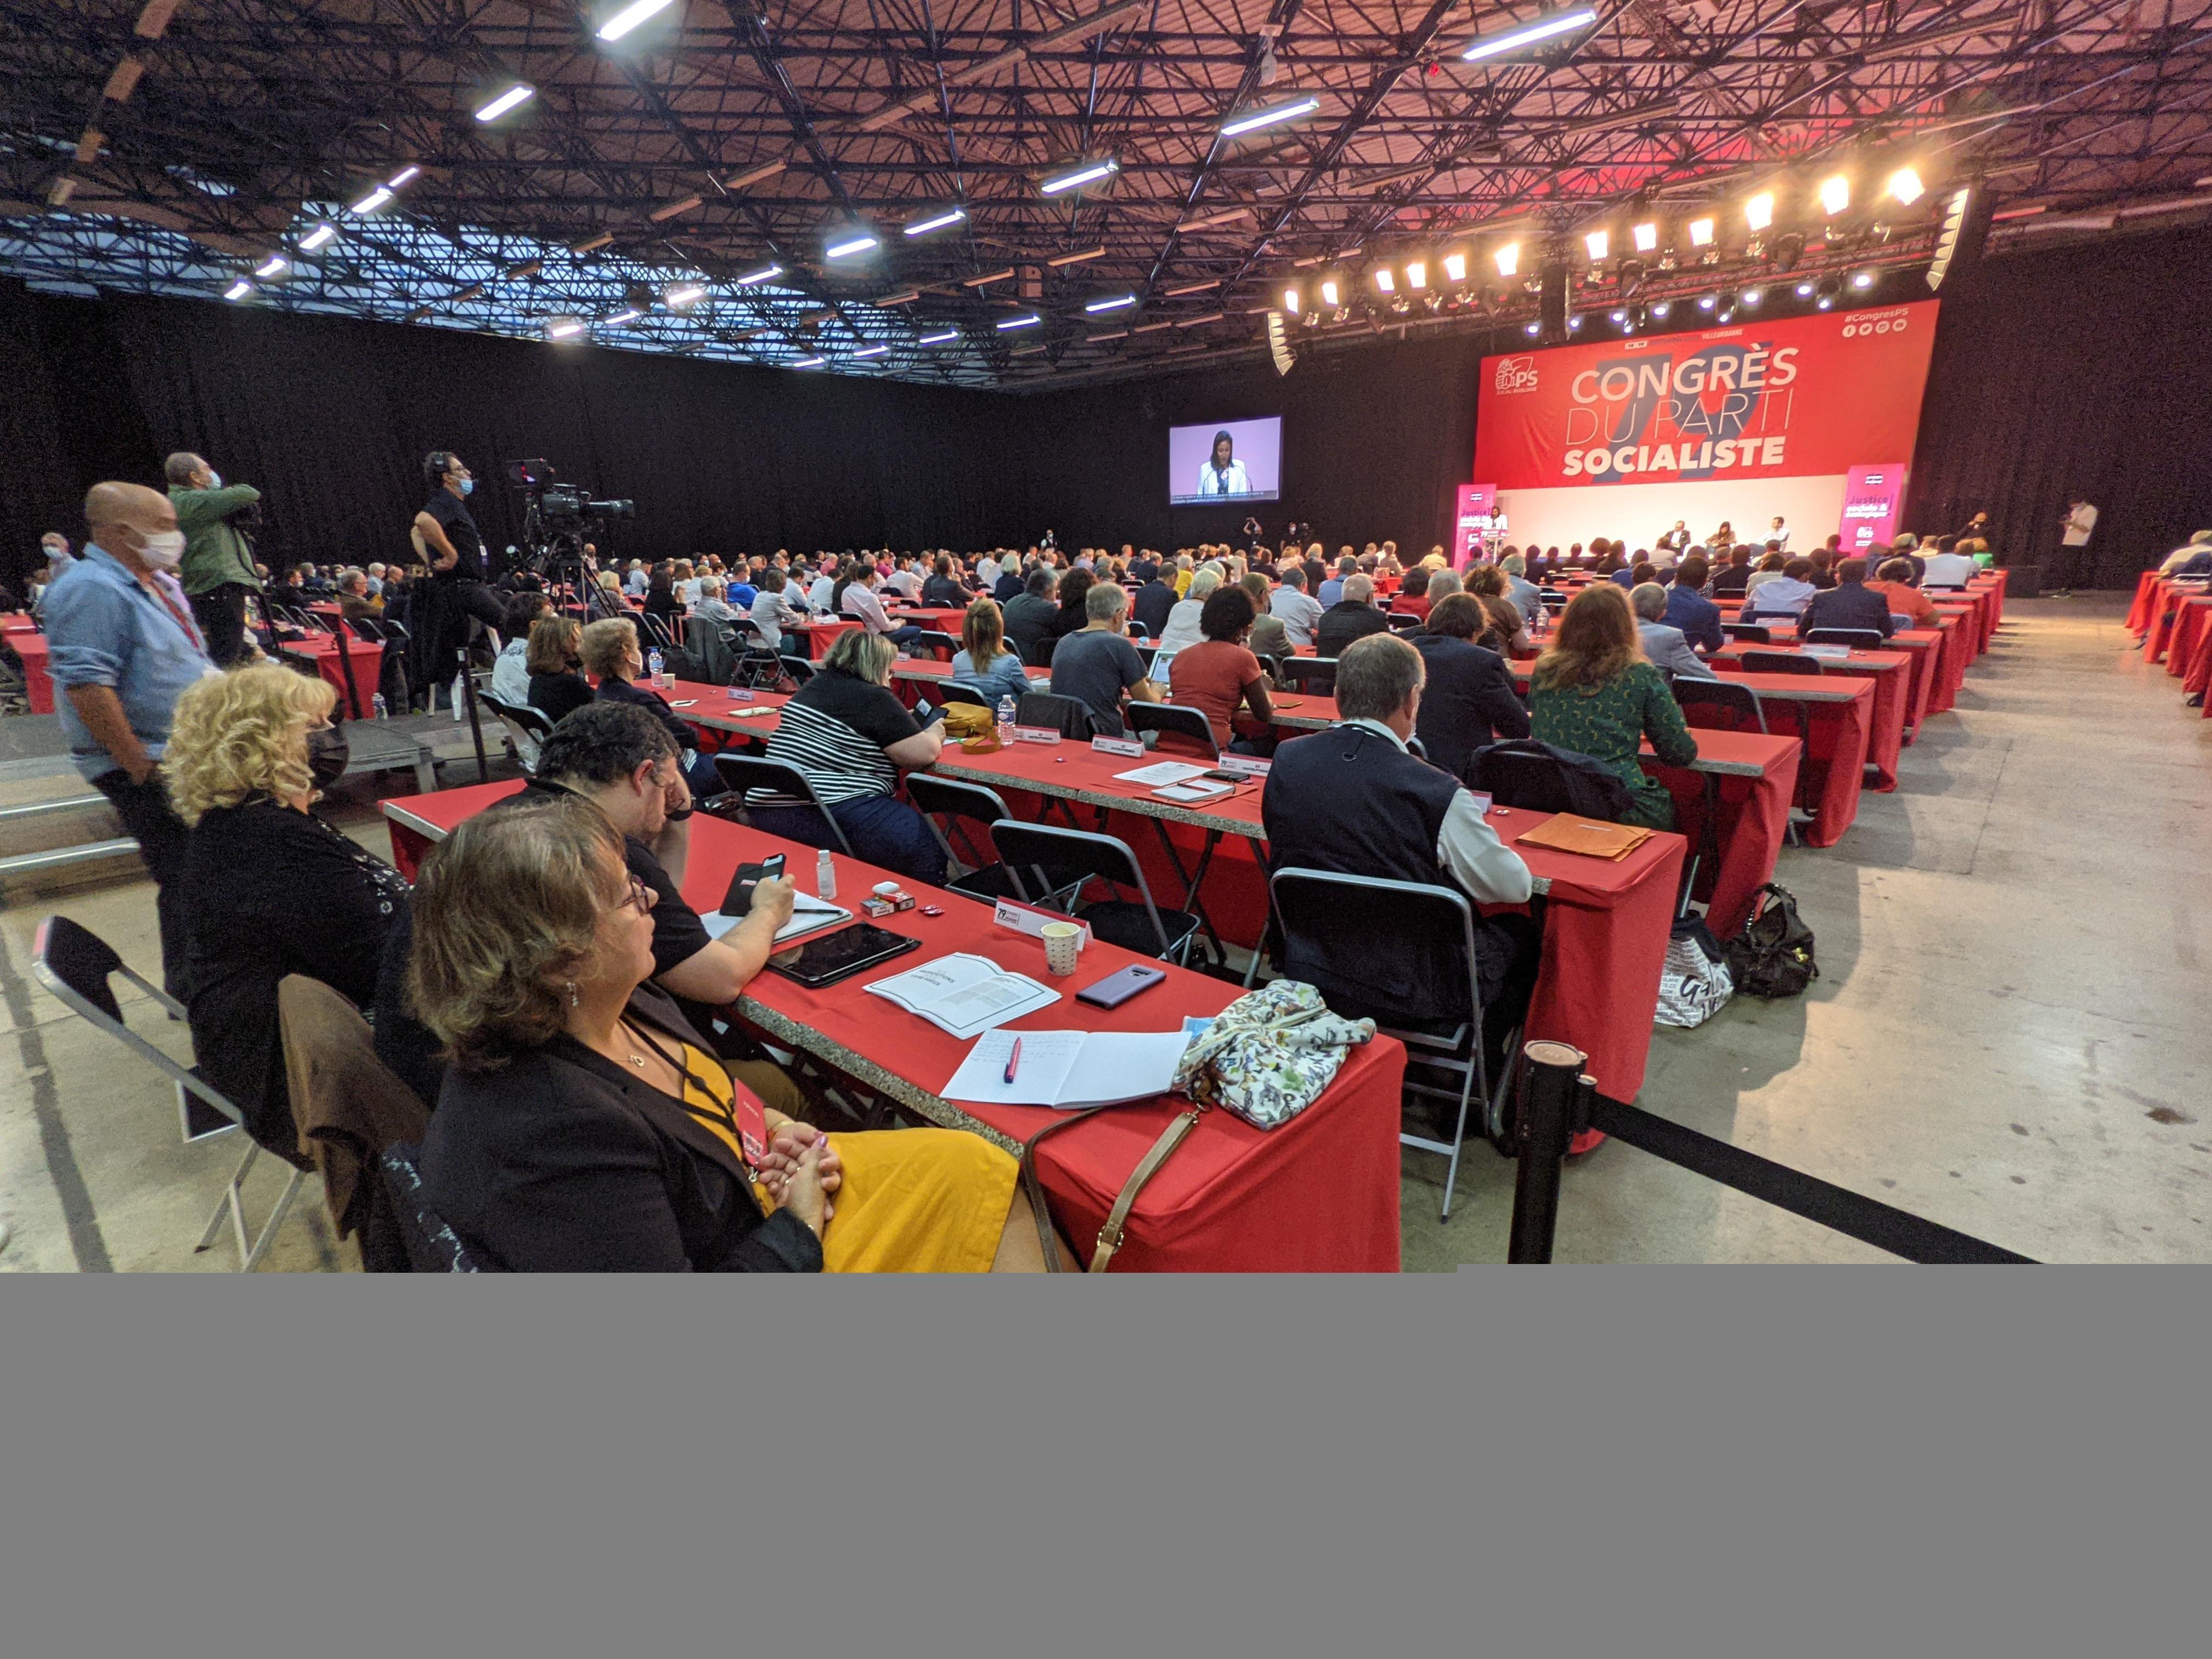 Anne Hidalgo et le Parti socialiste: je t'aime, moi non plus